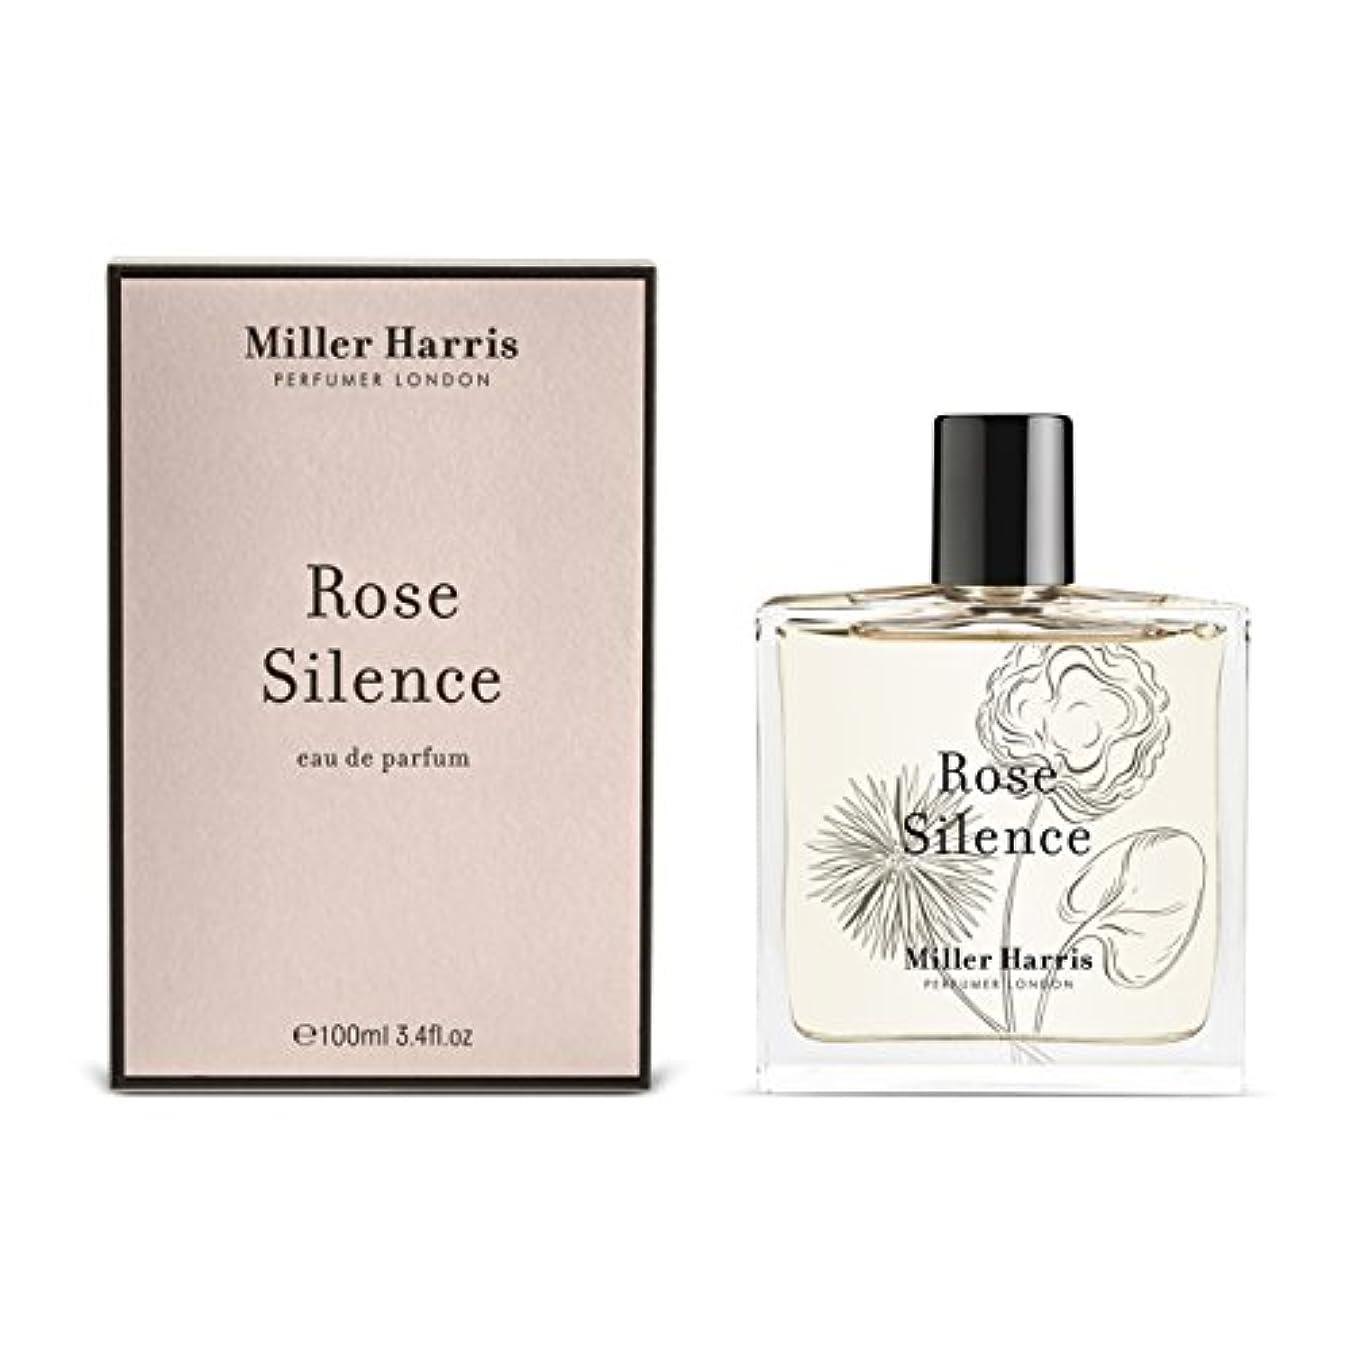 静めるかわすミットミラーハリス Rose Silence Eau Parfum Spray 100ml/3.4oz並行輸入品